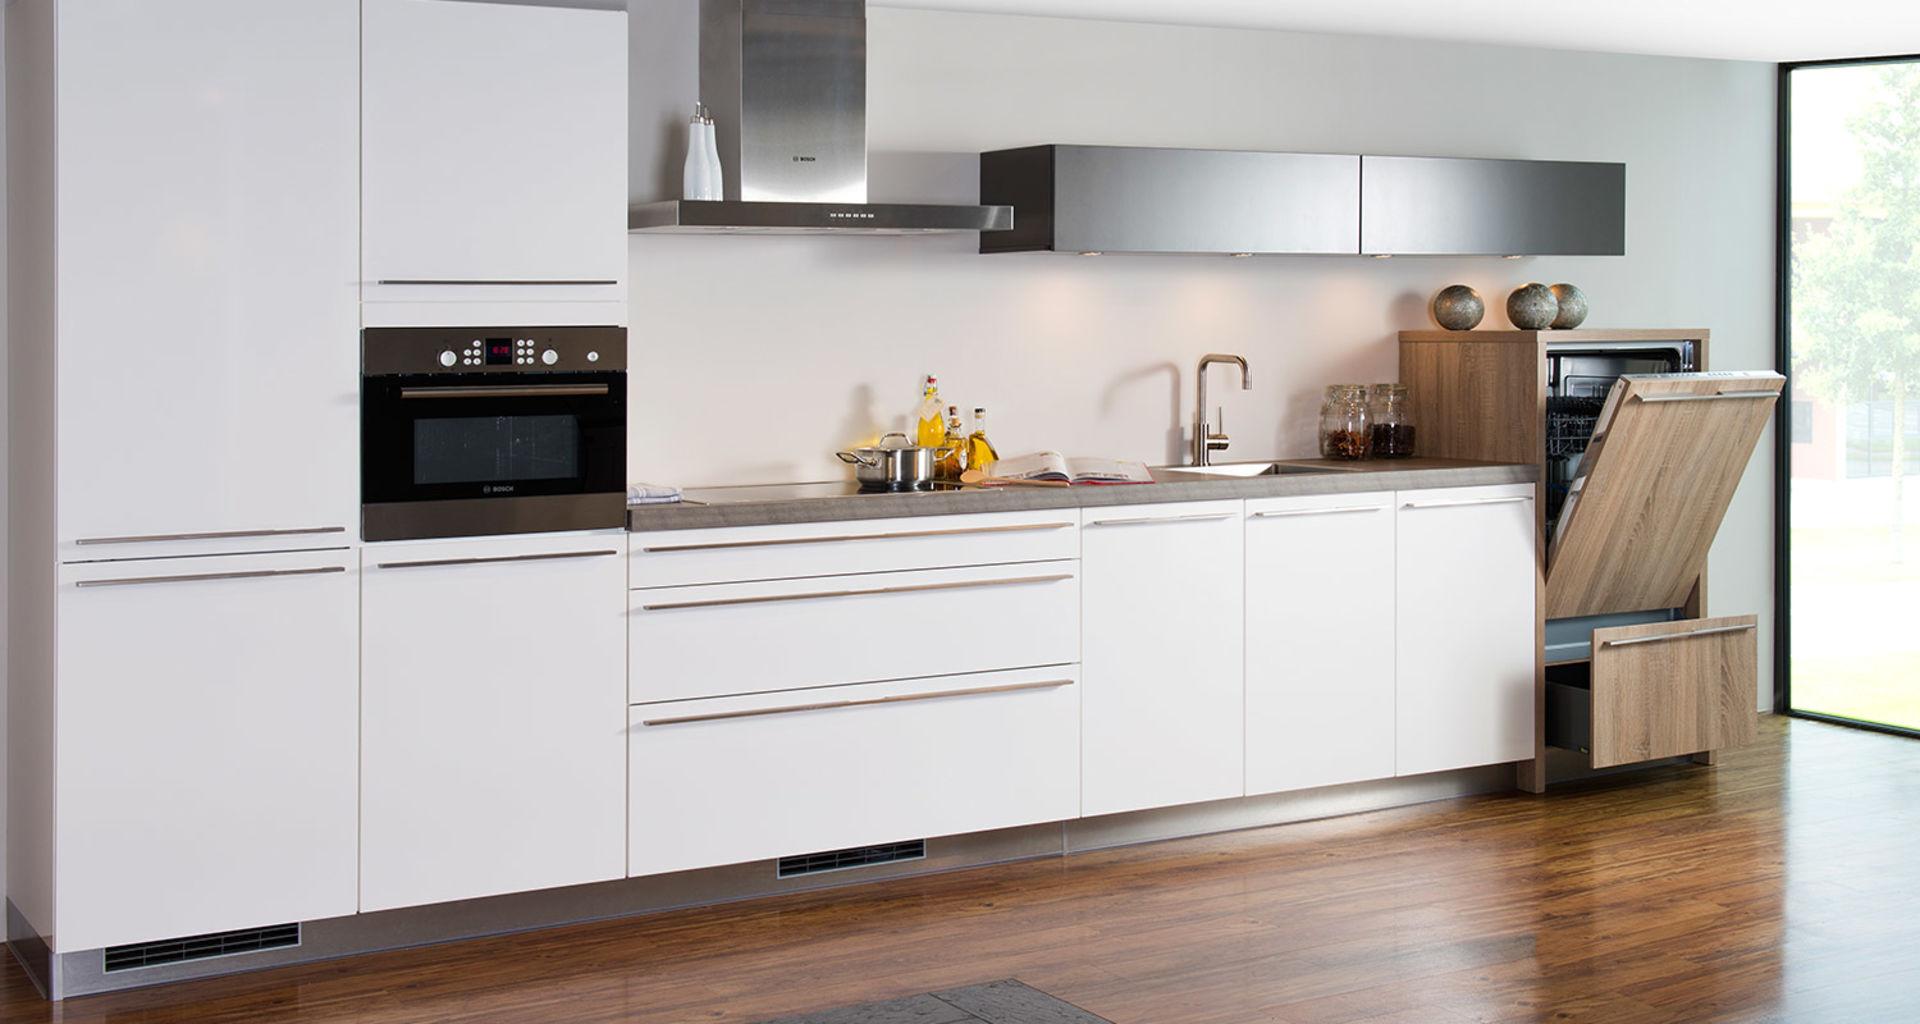 Rechte Keuken Veelzijdig En Compact